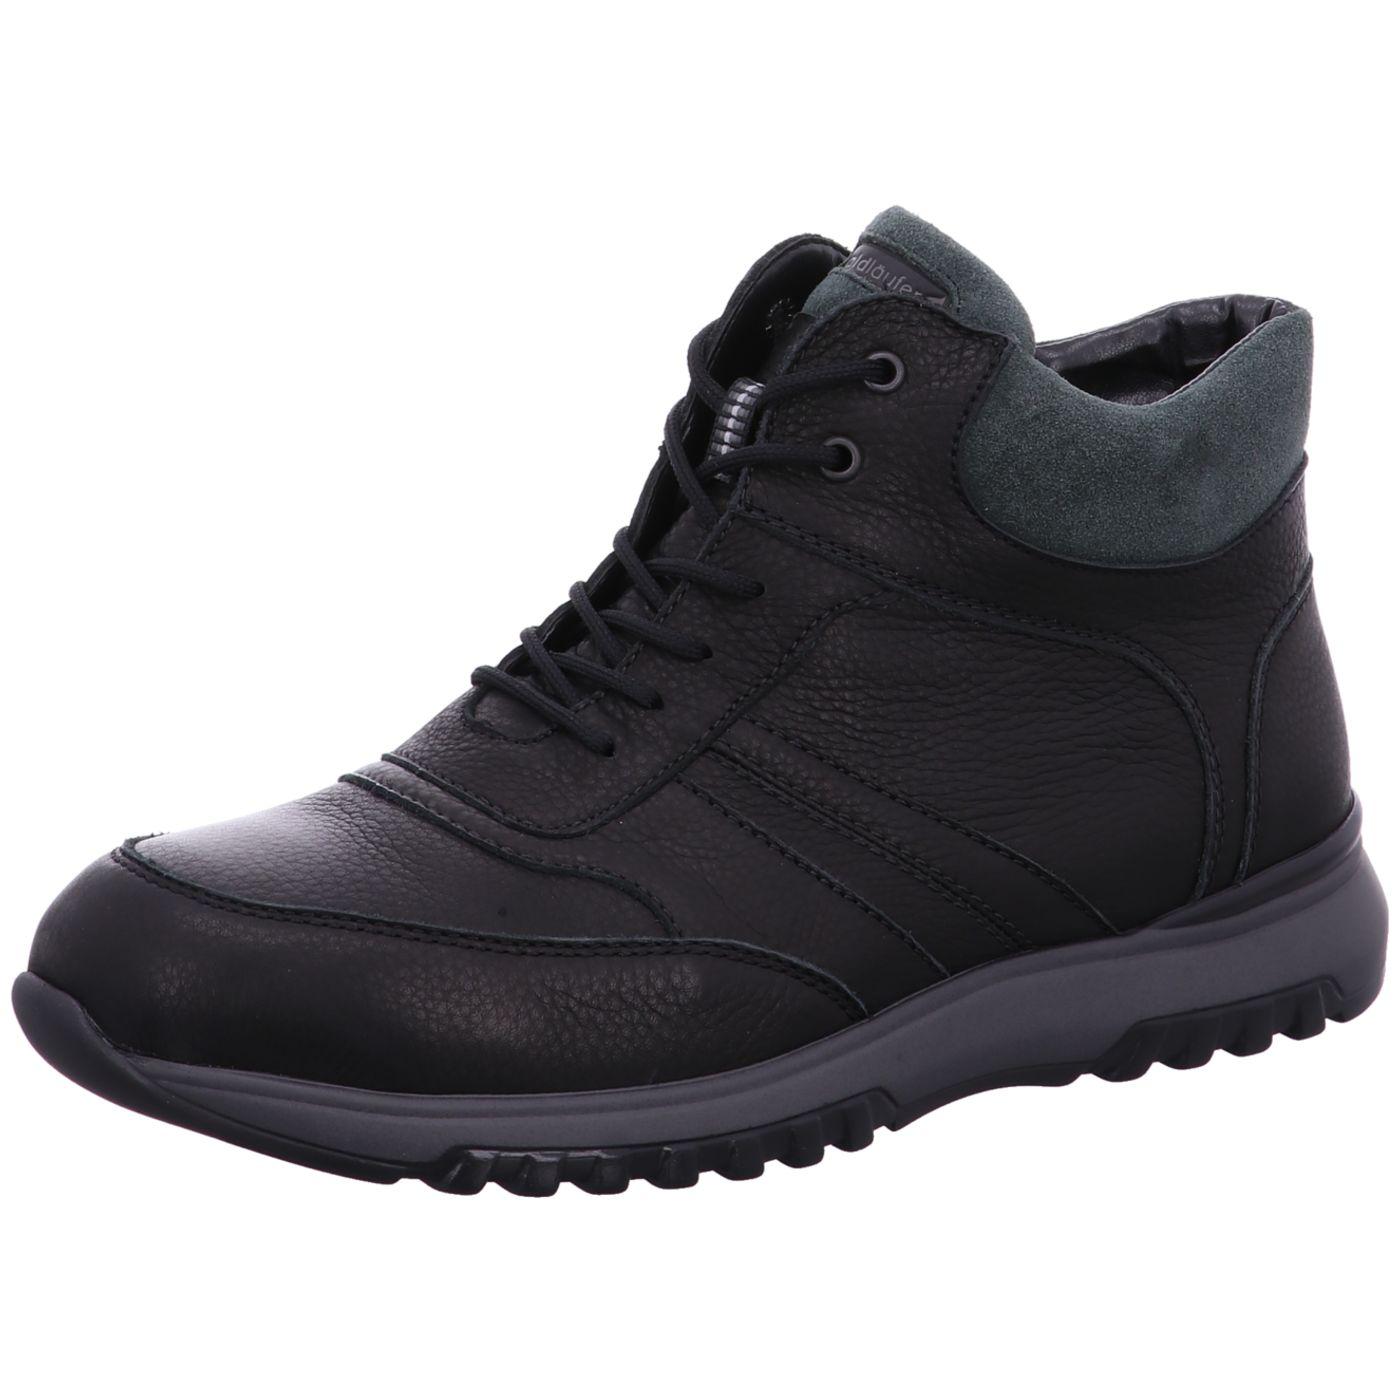 finest selection 6d13e 43079 Waldläufer Schuhe Online Shop » günstig kaufen | schuhglück